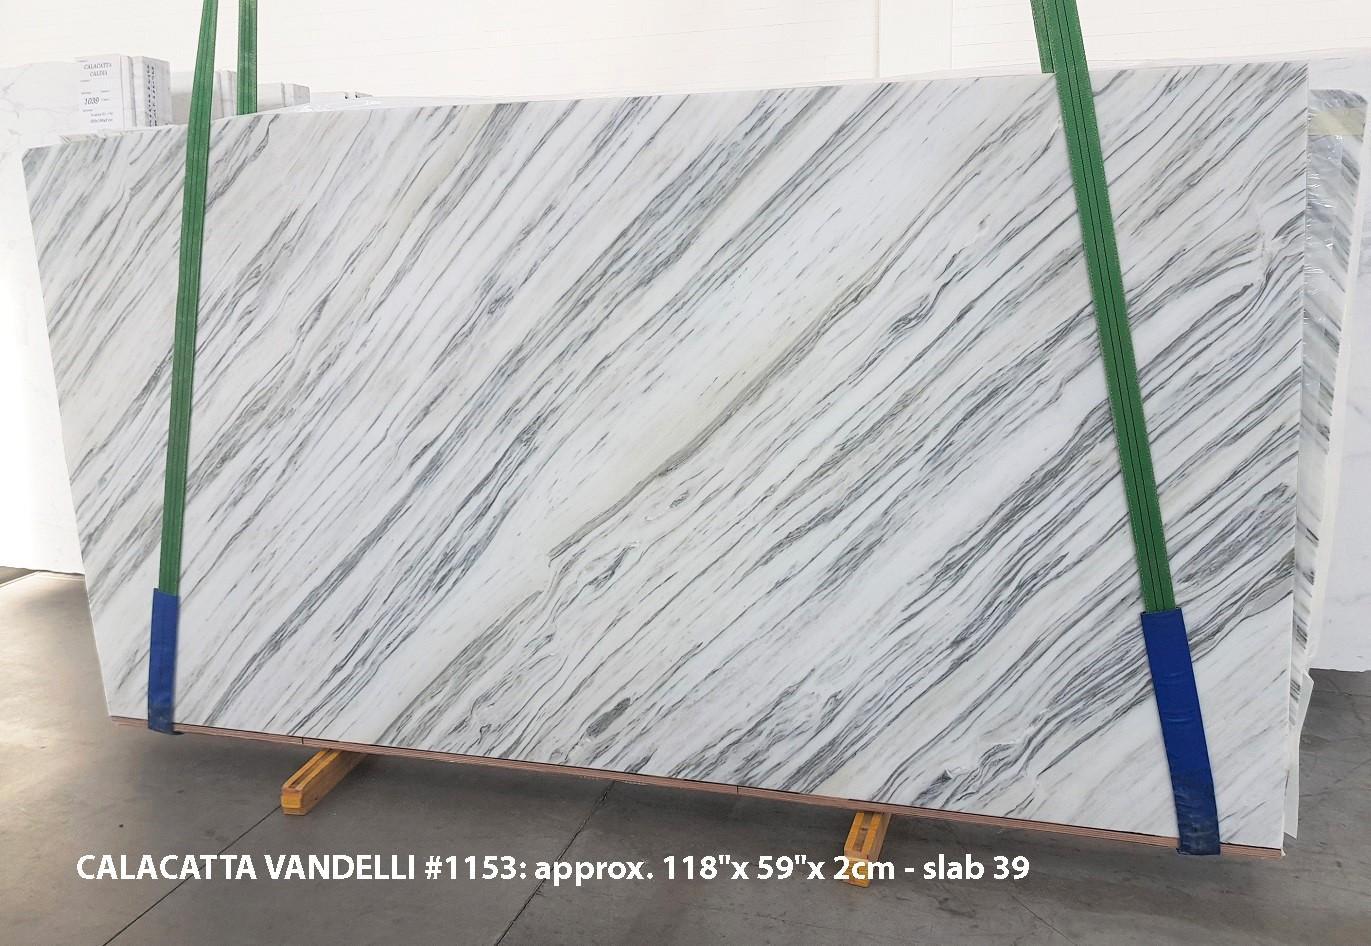 Calacatta Vandelli Suministro Veneto (Italia) de planchas pulidas en mármol natural 1153 , Slab #39